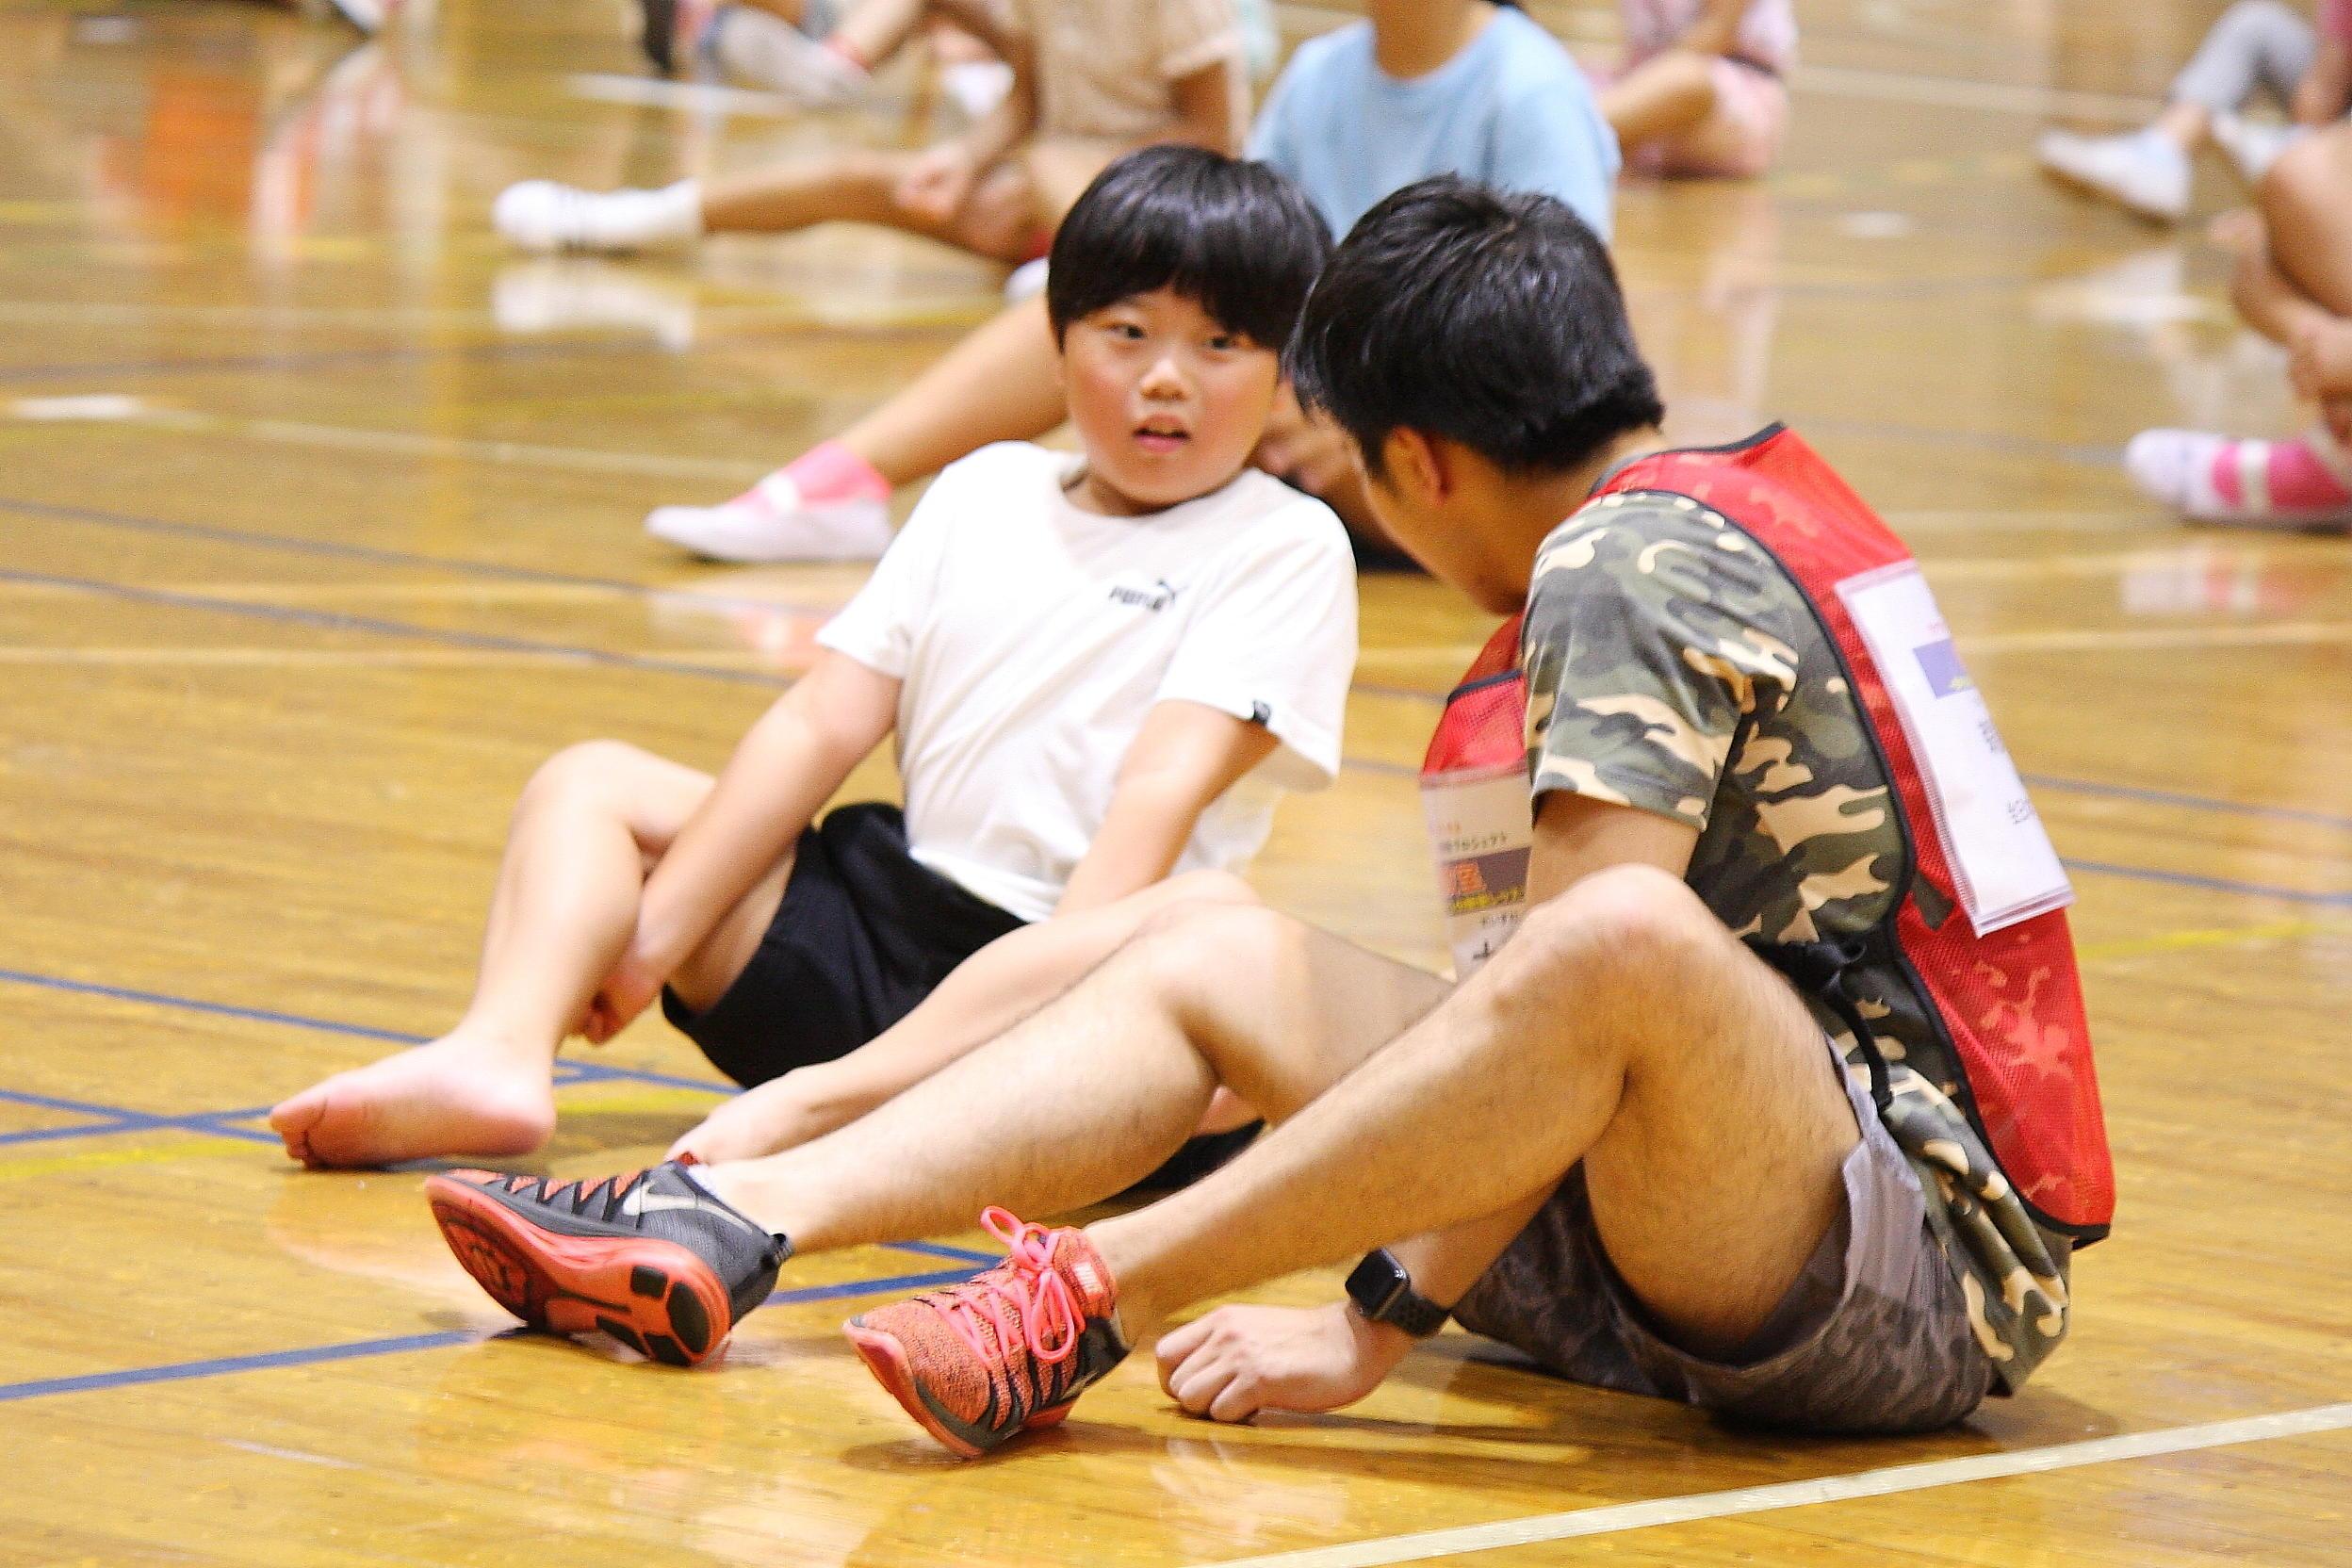 http://news.yoshimoto.co.jp/20180731115153-5536498a5f464ac62c6dd6d58d8d310f4c339d3f.jpg